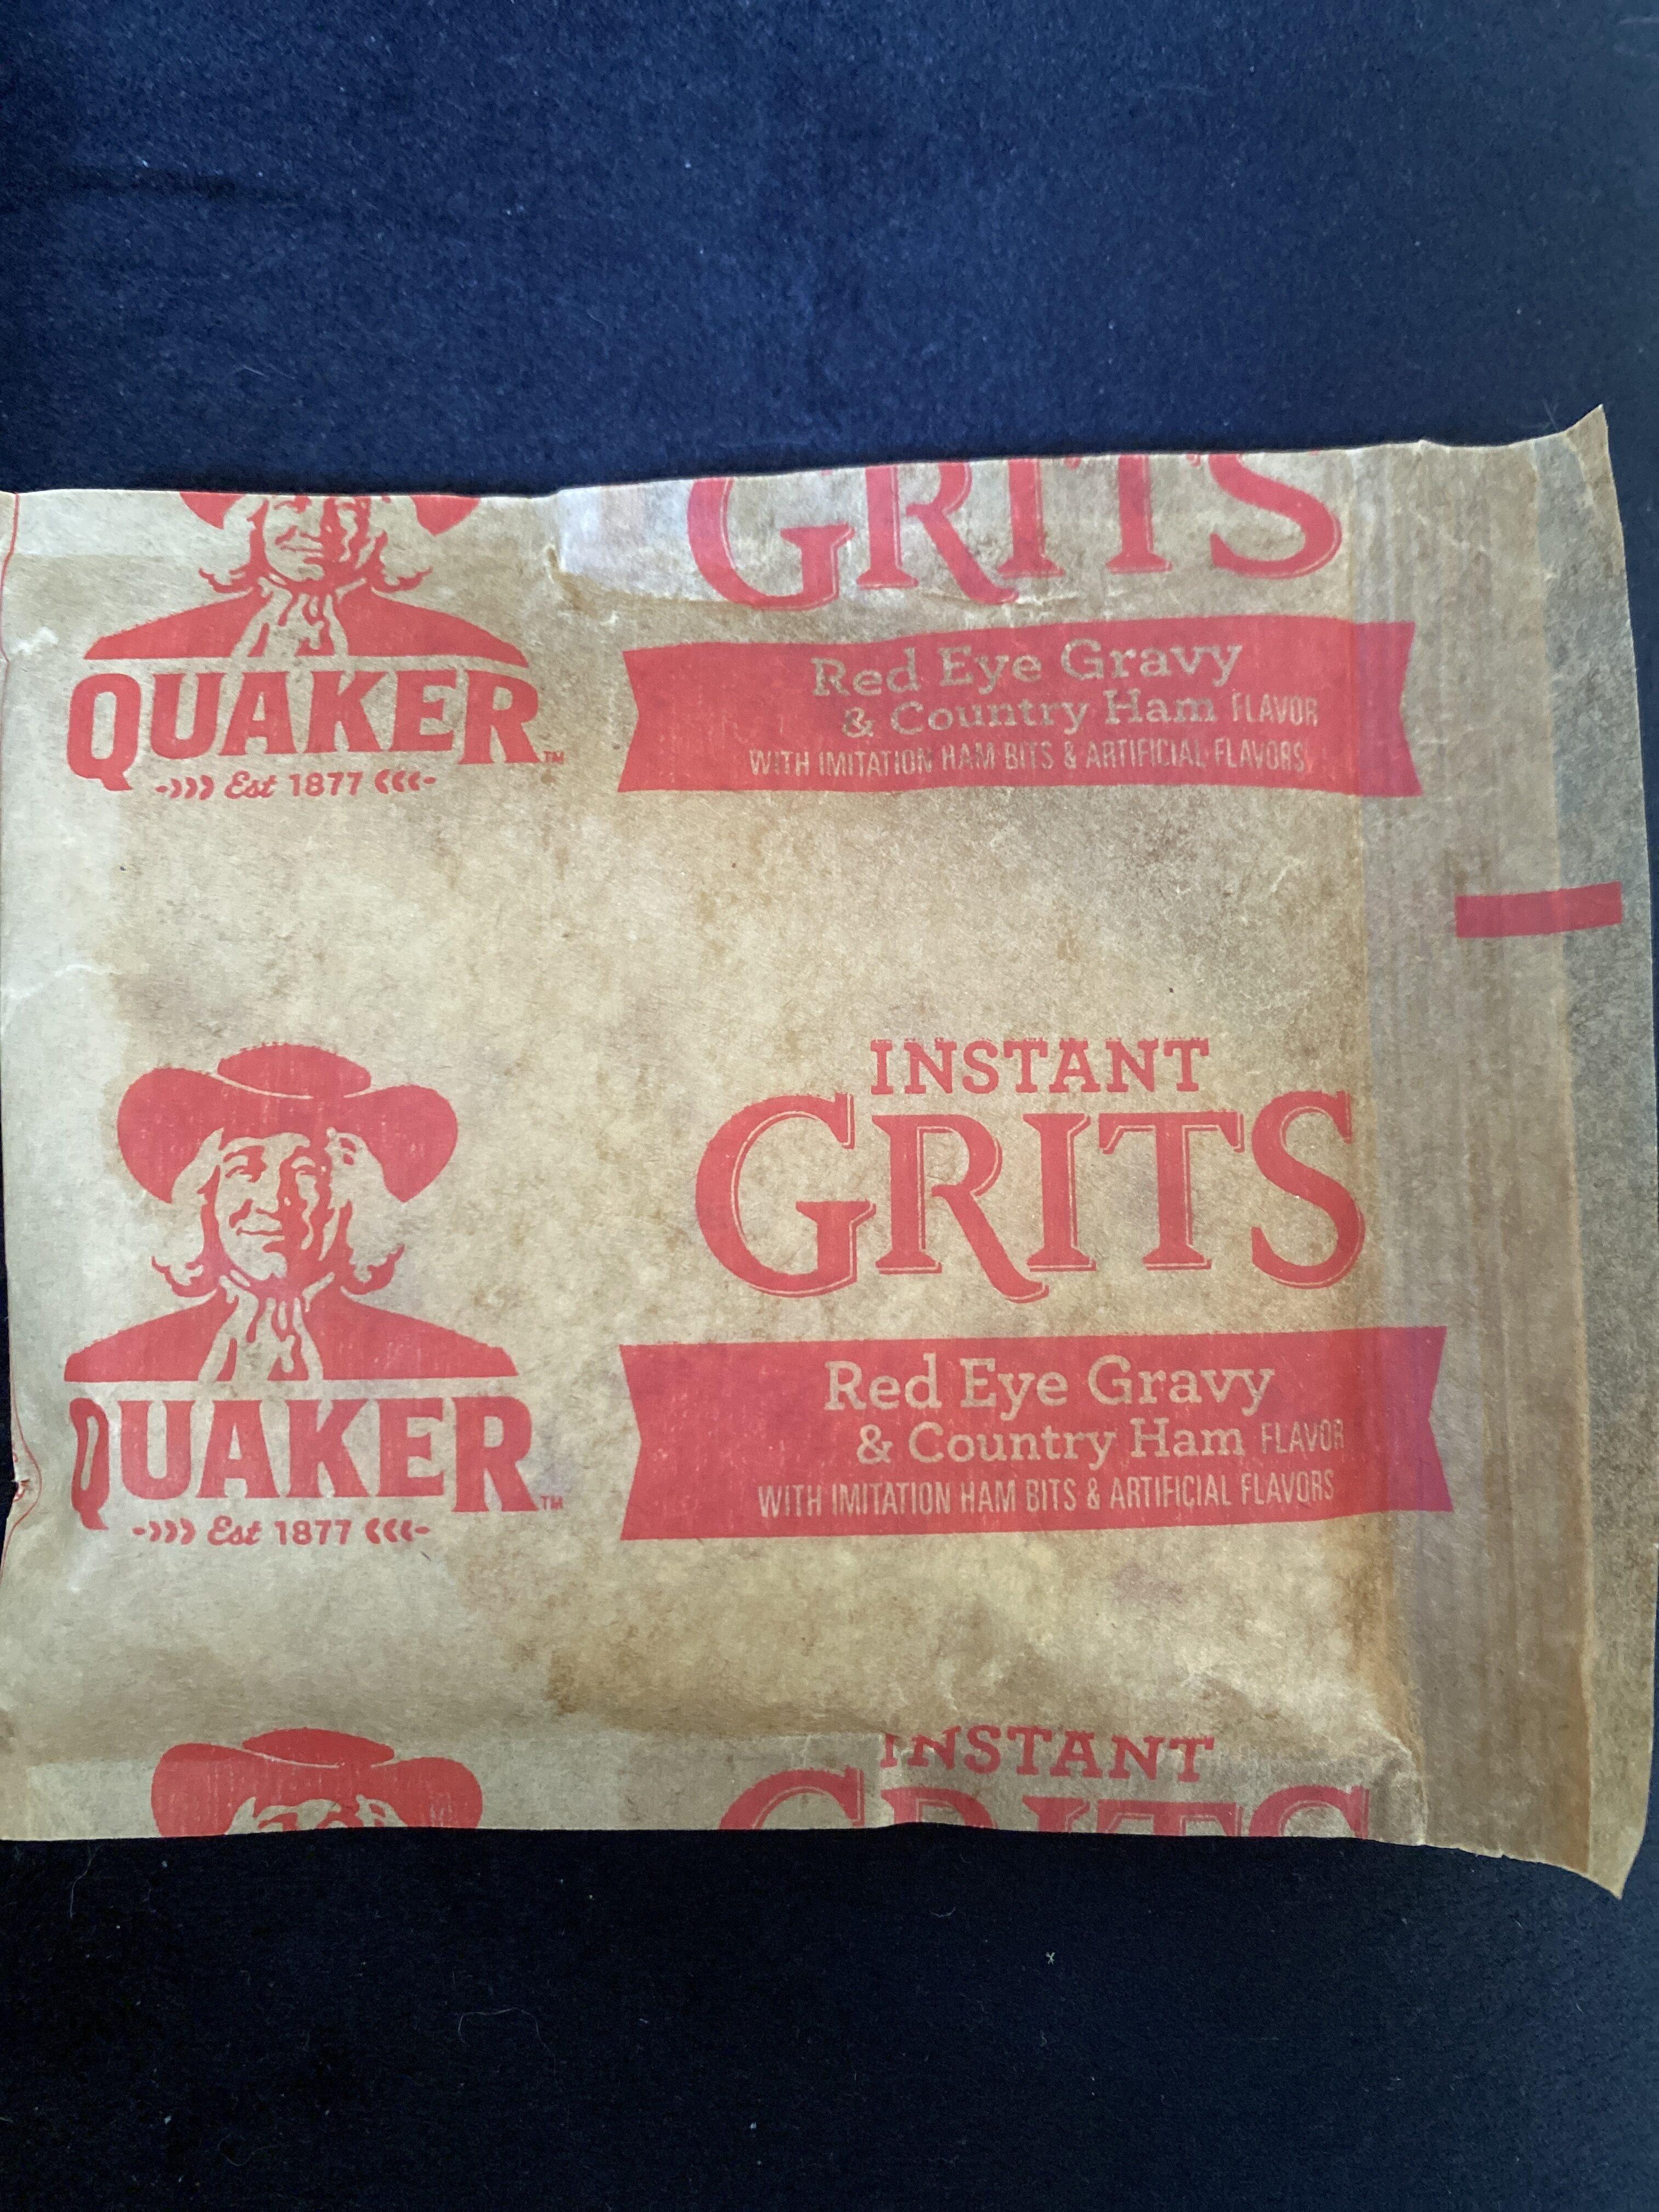 Quaker Instant Grits Red Eye Gravy & Country Ham (12-1 Oz) 12 Ounce 12 Count Paper Pouch - Produit - en